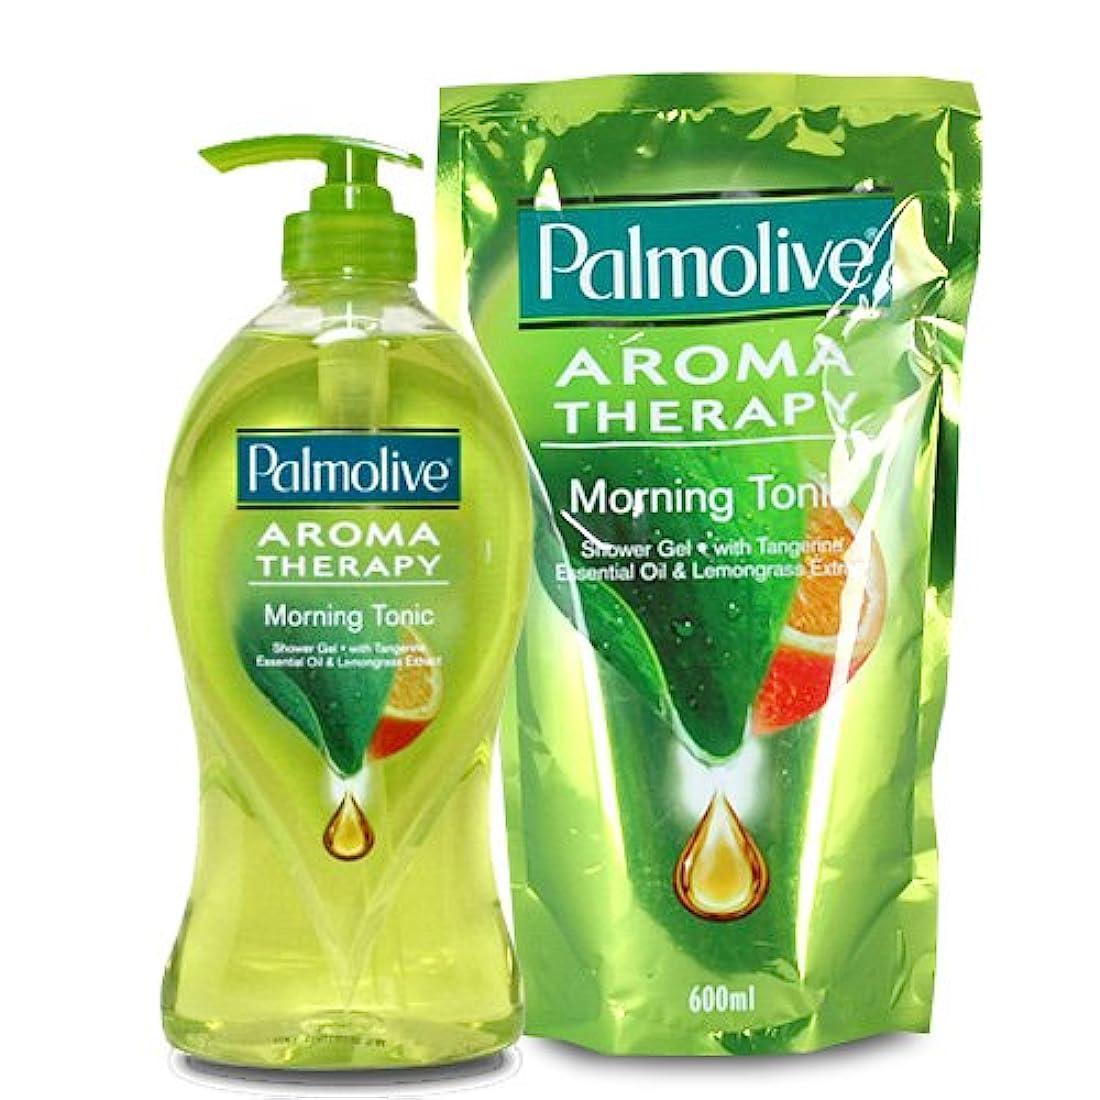 踊り子曇った震える【Palmolive】パルモリーブ アロマセラピーシャワージェル ボトルと詰め替えのセット (モーニングトニック)